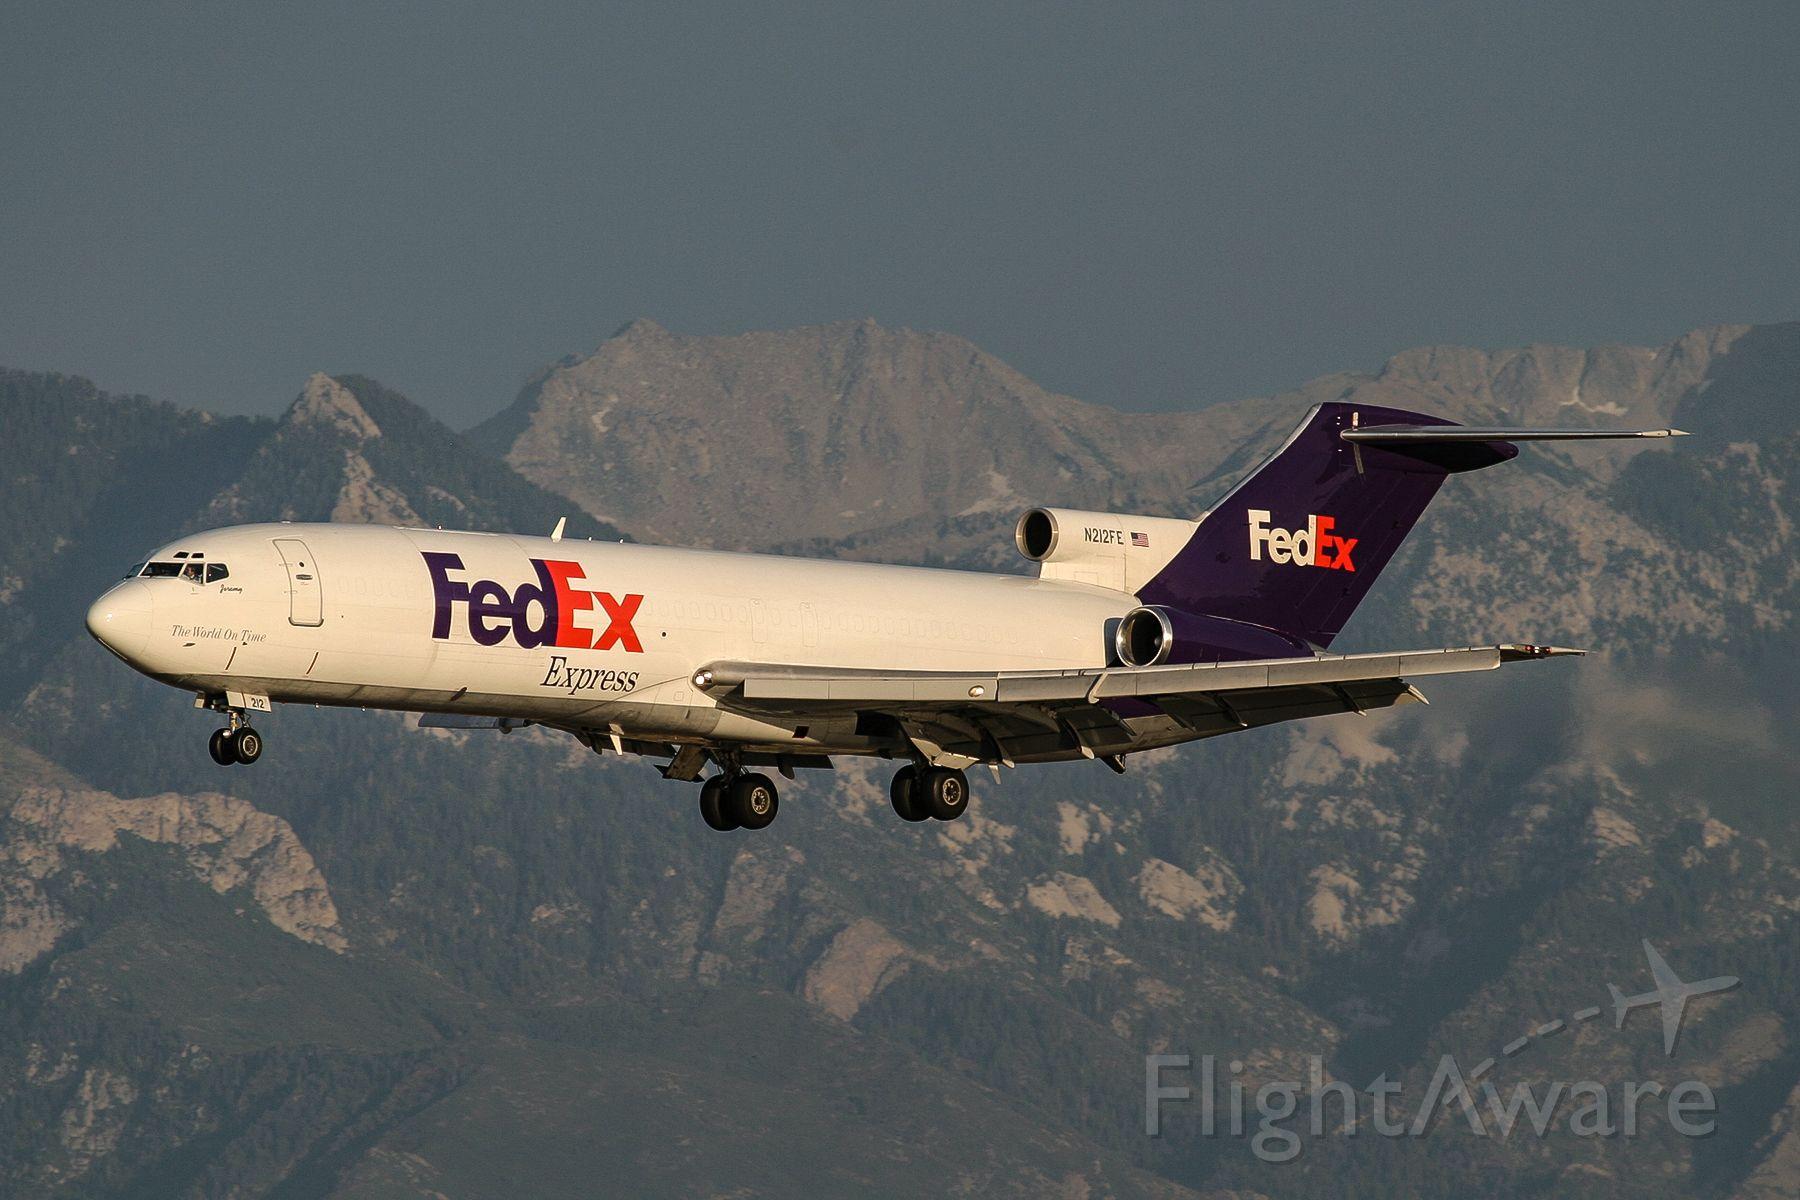 BOEING 727-200 (N212FE)